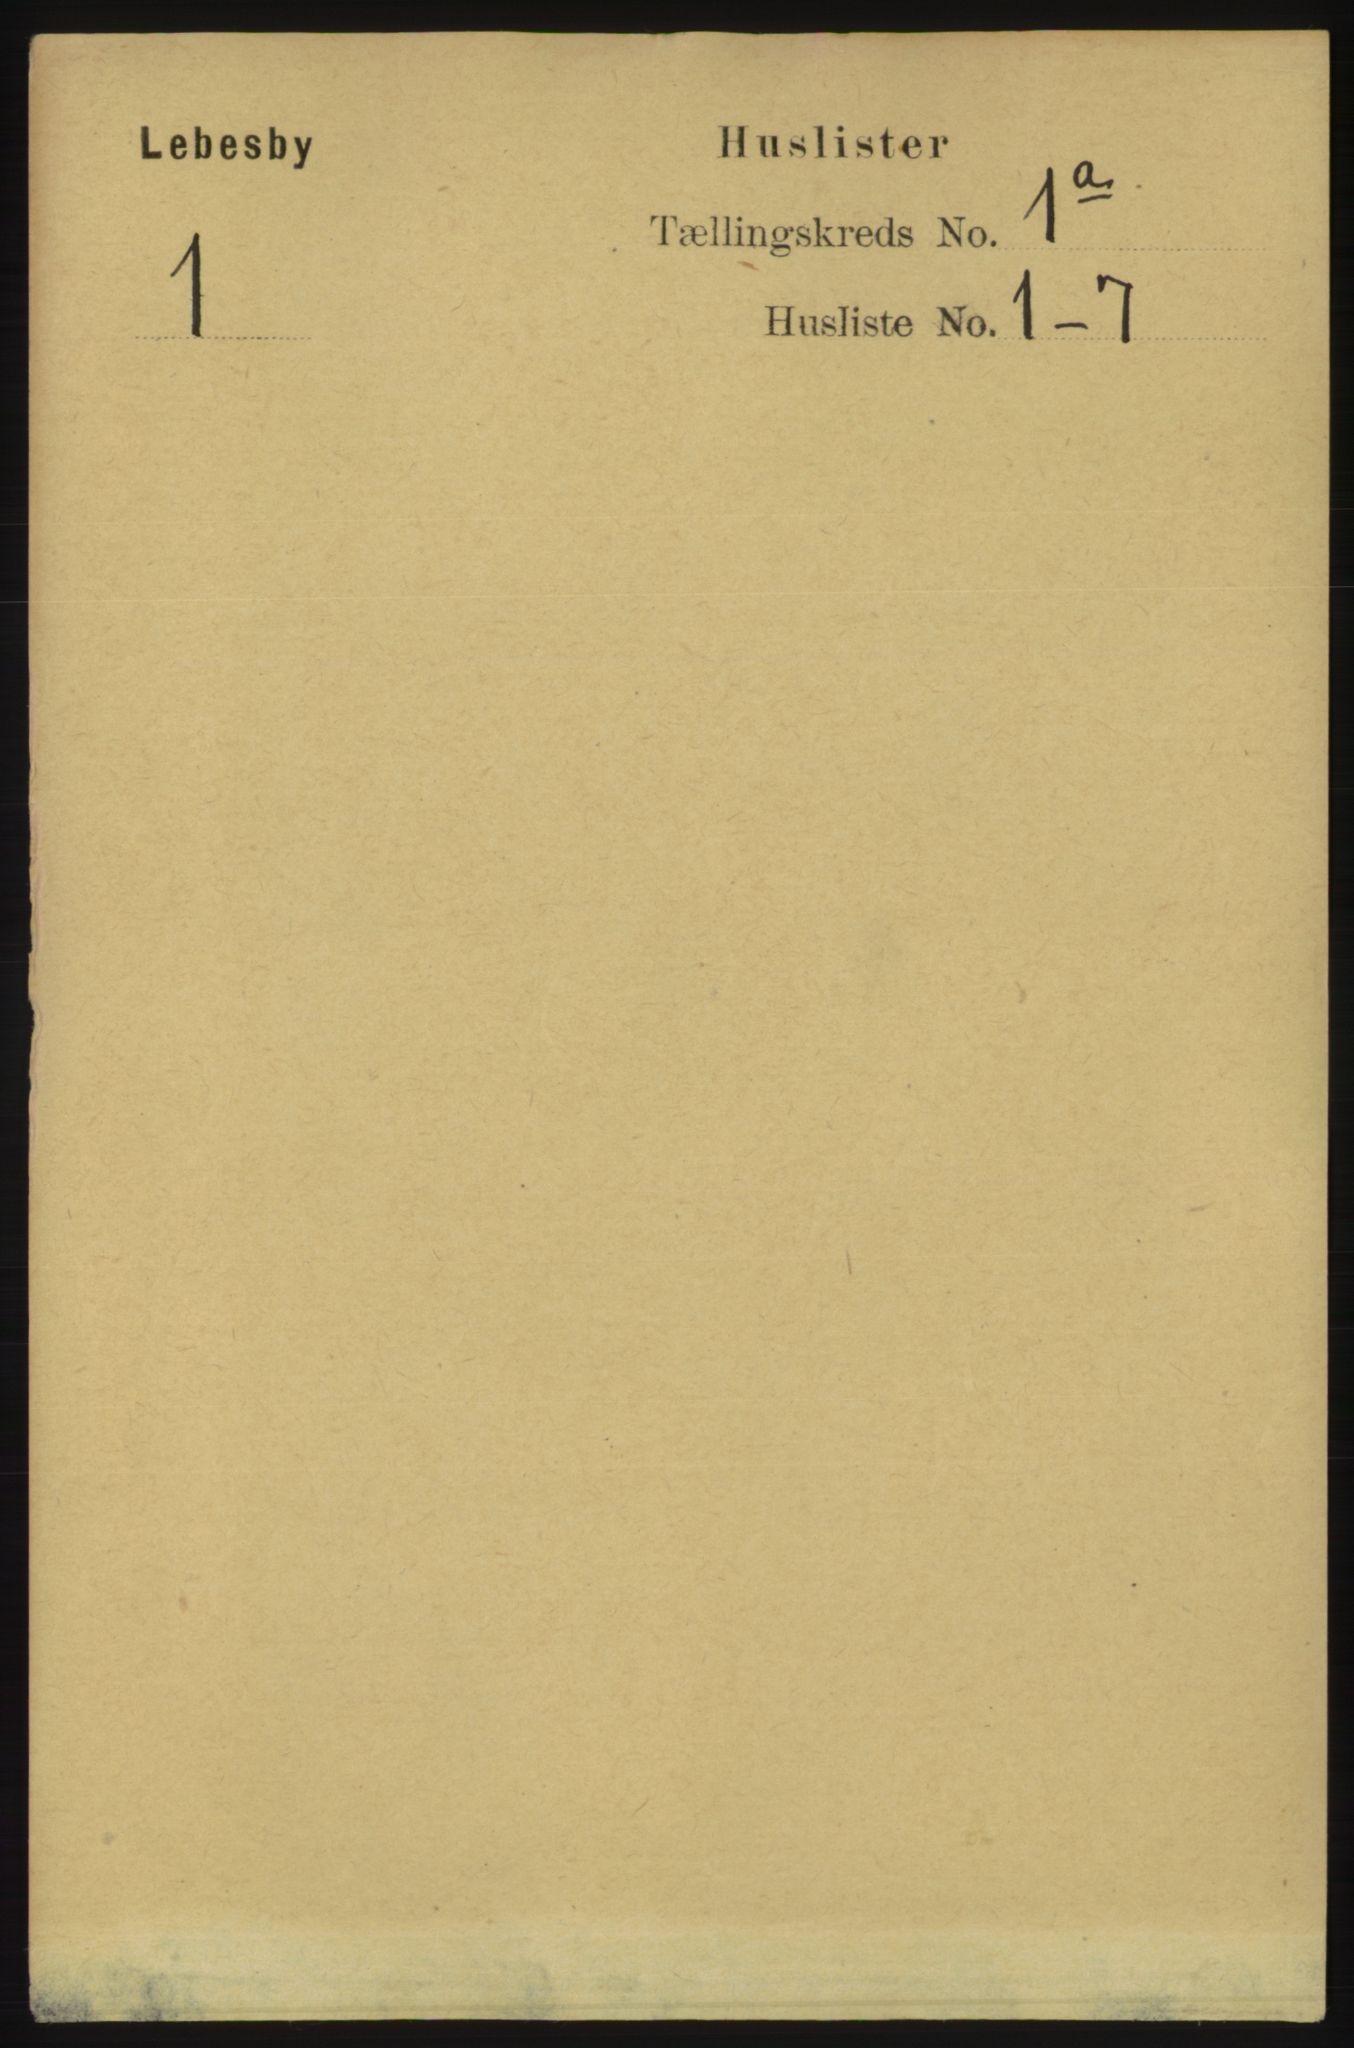 RA, Folketelling 1891 for 2022 Lebesby herred, 1891, s. 19